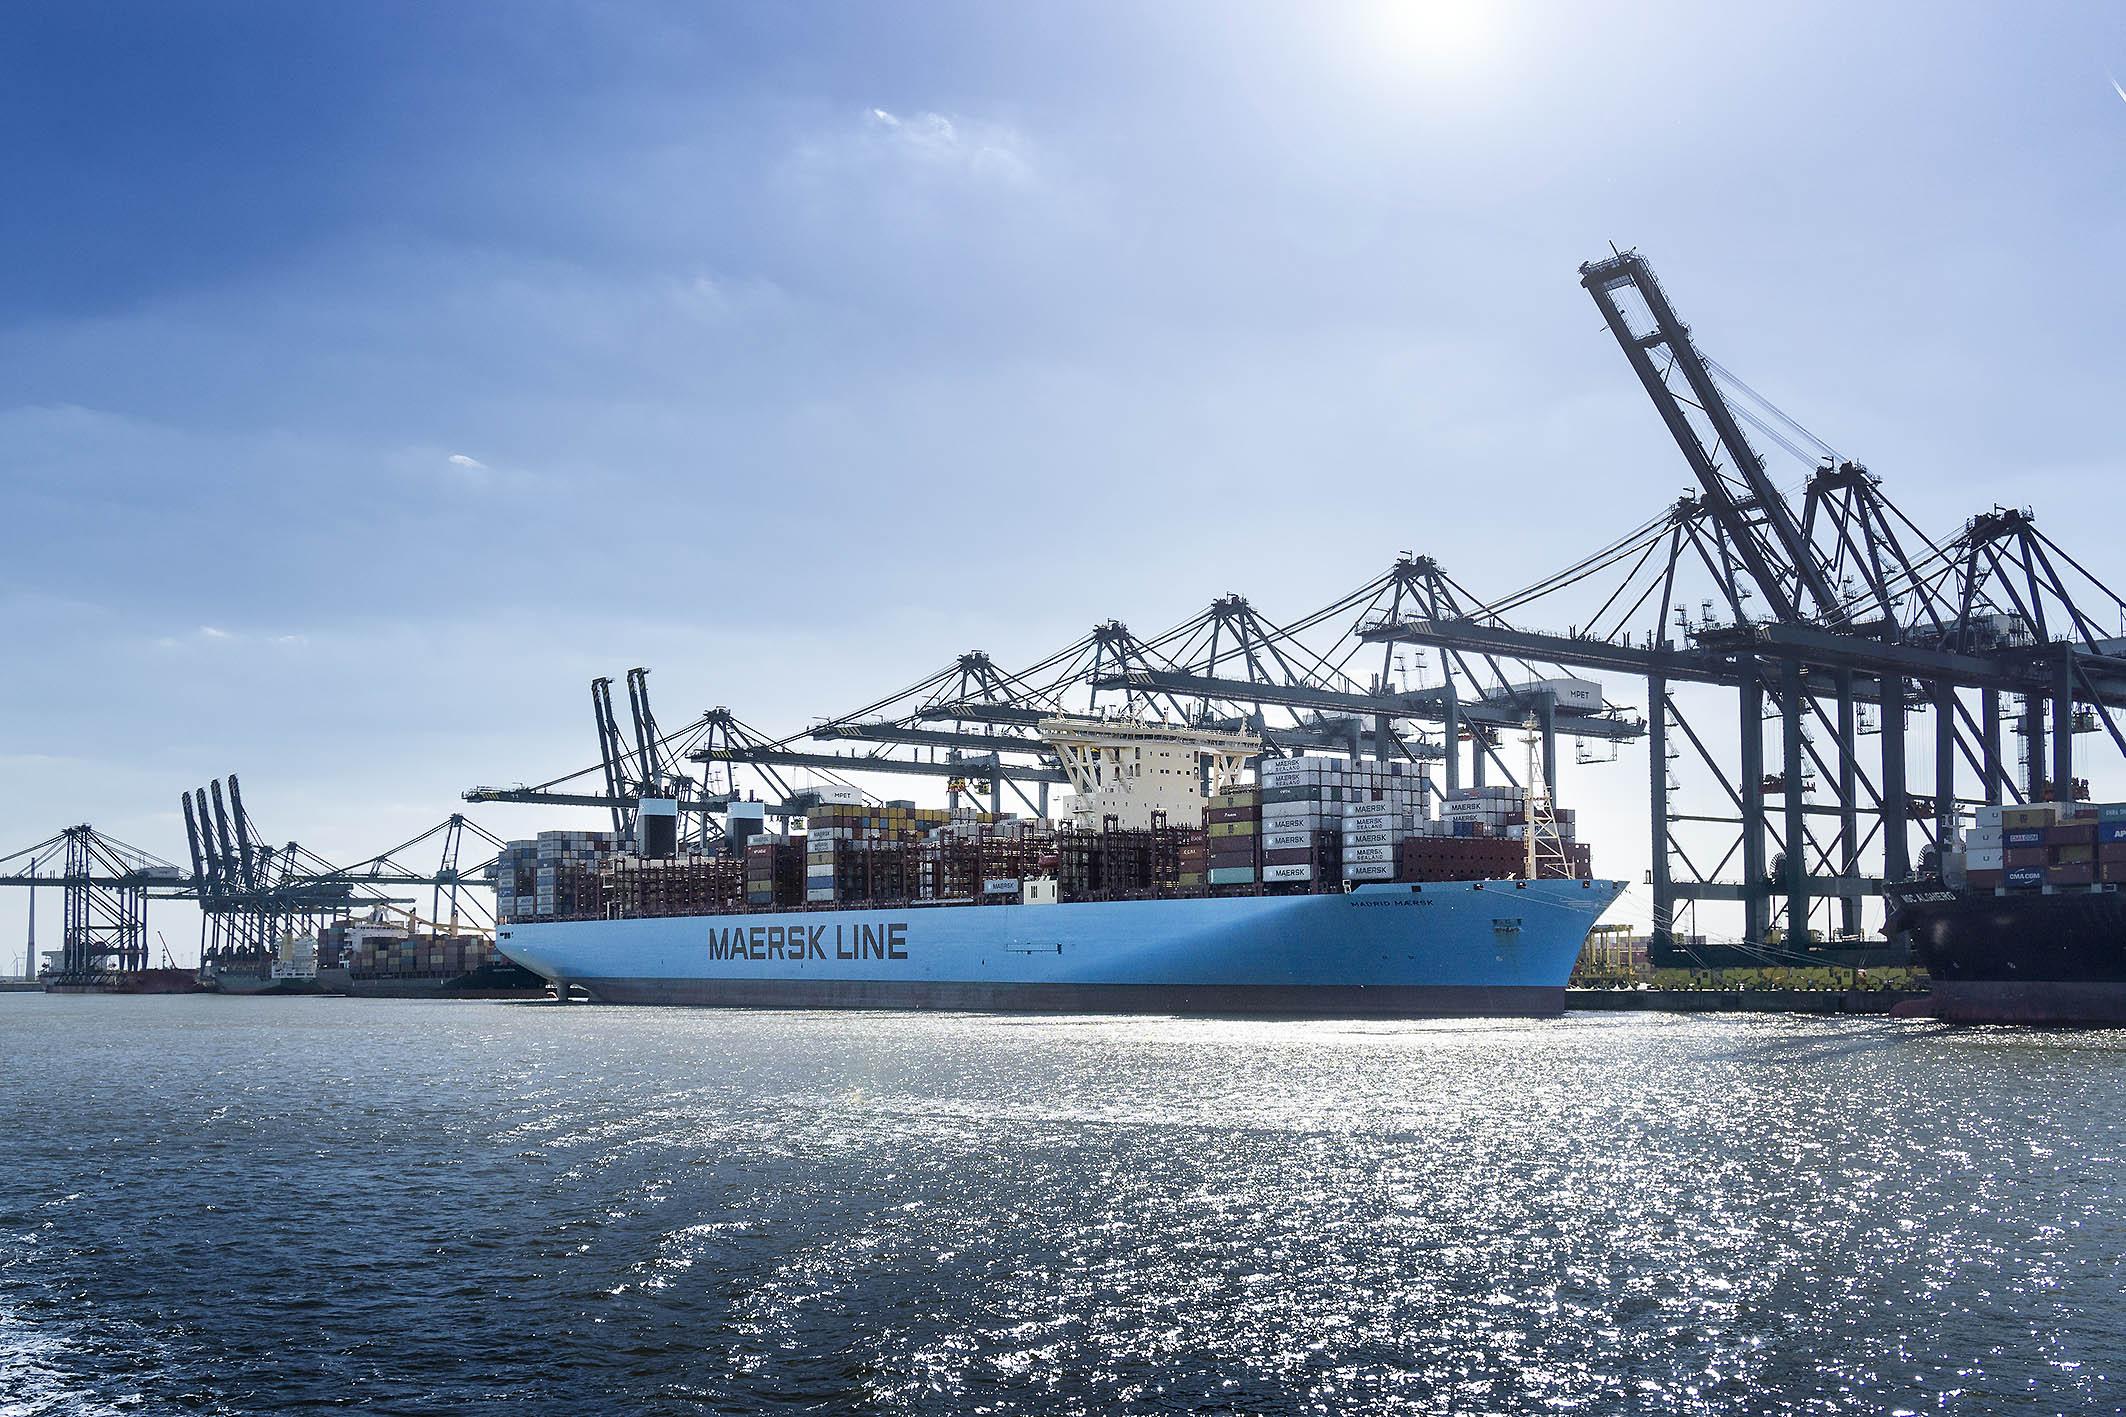 Arthur Los Fotografie - Madrid Maersk